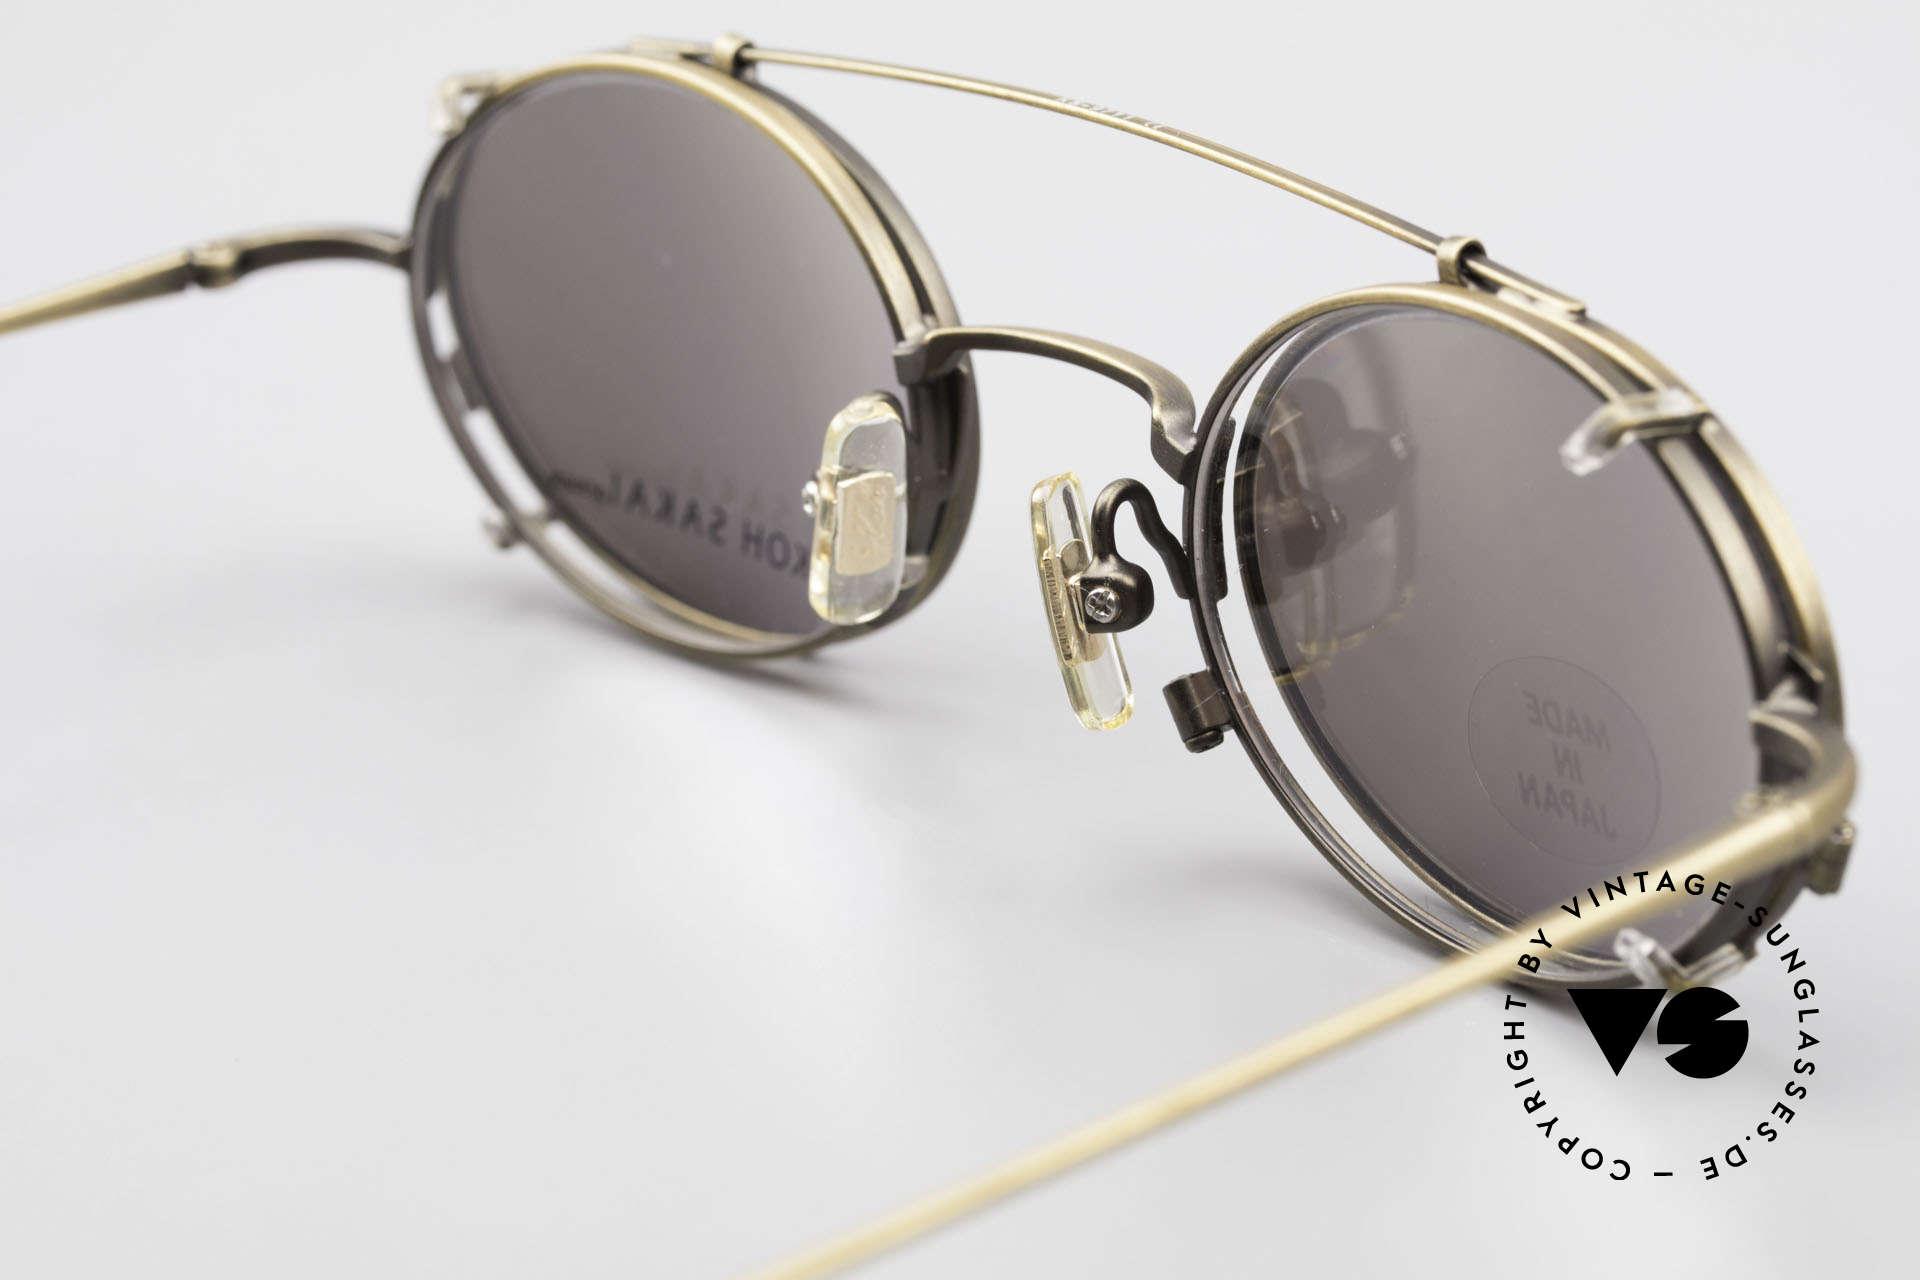 Koh Sakai KS9711 Vintage Glasses Oval Clip On, unworn, NOS (like all our old L.A.+ Sabae eyeglasses), Made for Men and Women